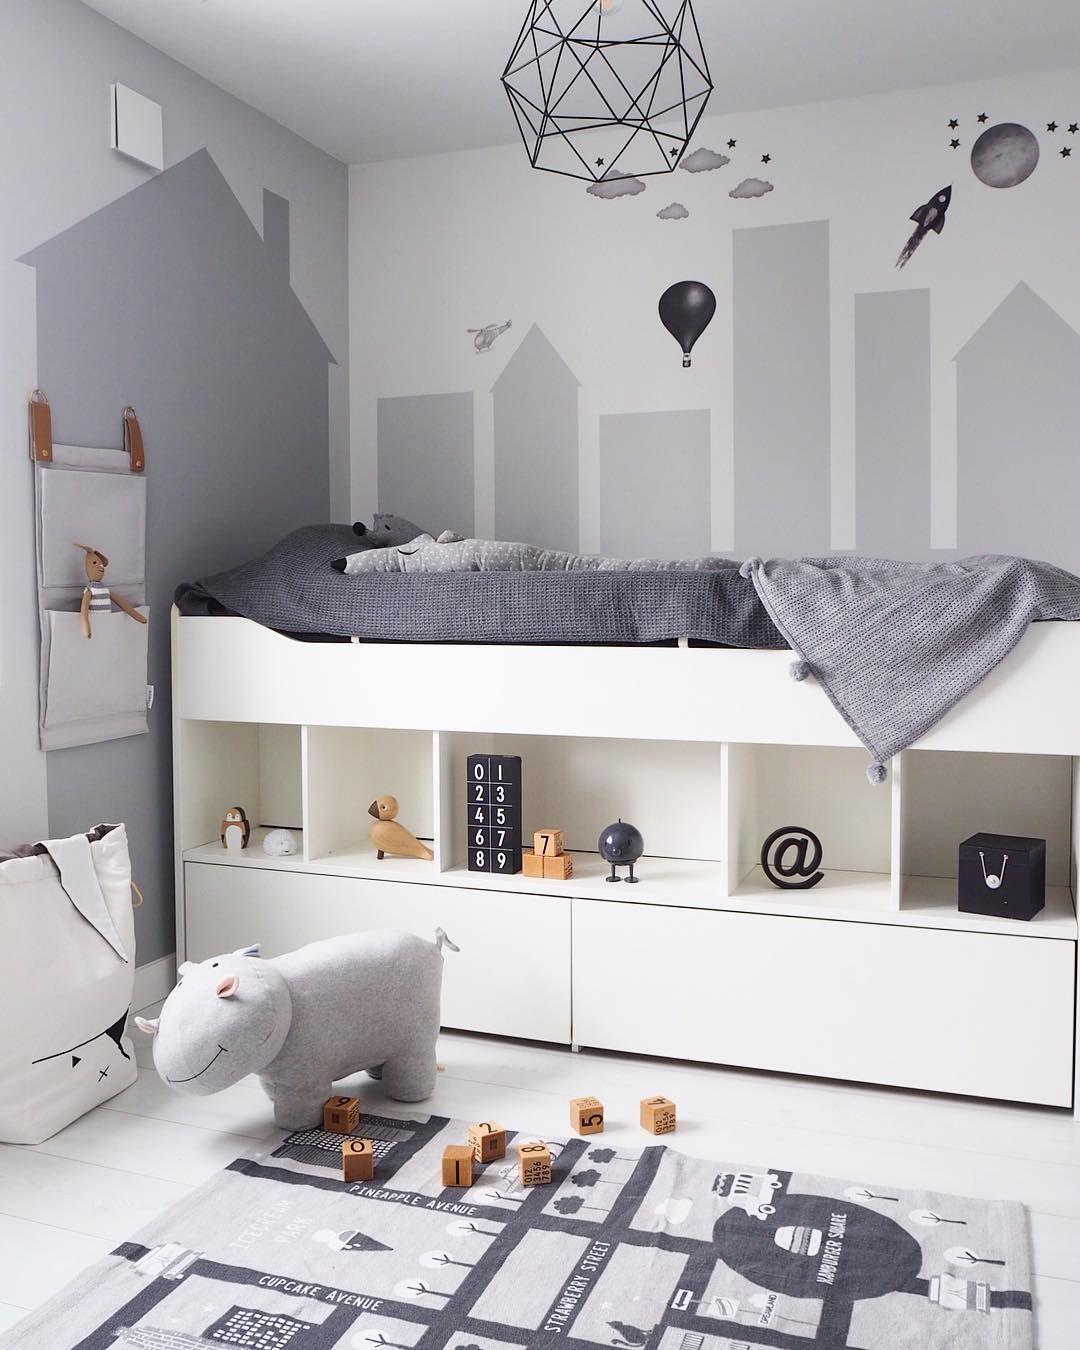 Full Size of Kinderzimmer Einrichten So Wird Jeder Junge Glcklich Zimmer Regal Sofa Regale Weiß Kinderzimmer Einrichtung Kinderzimmer